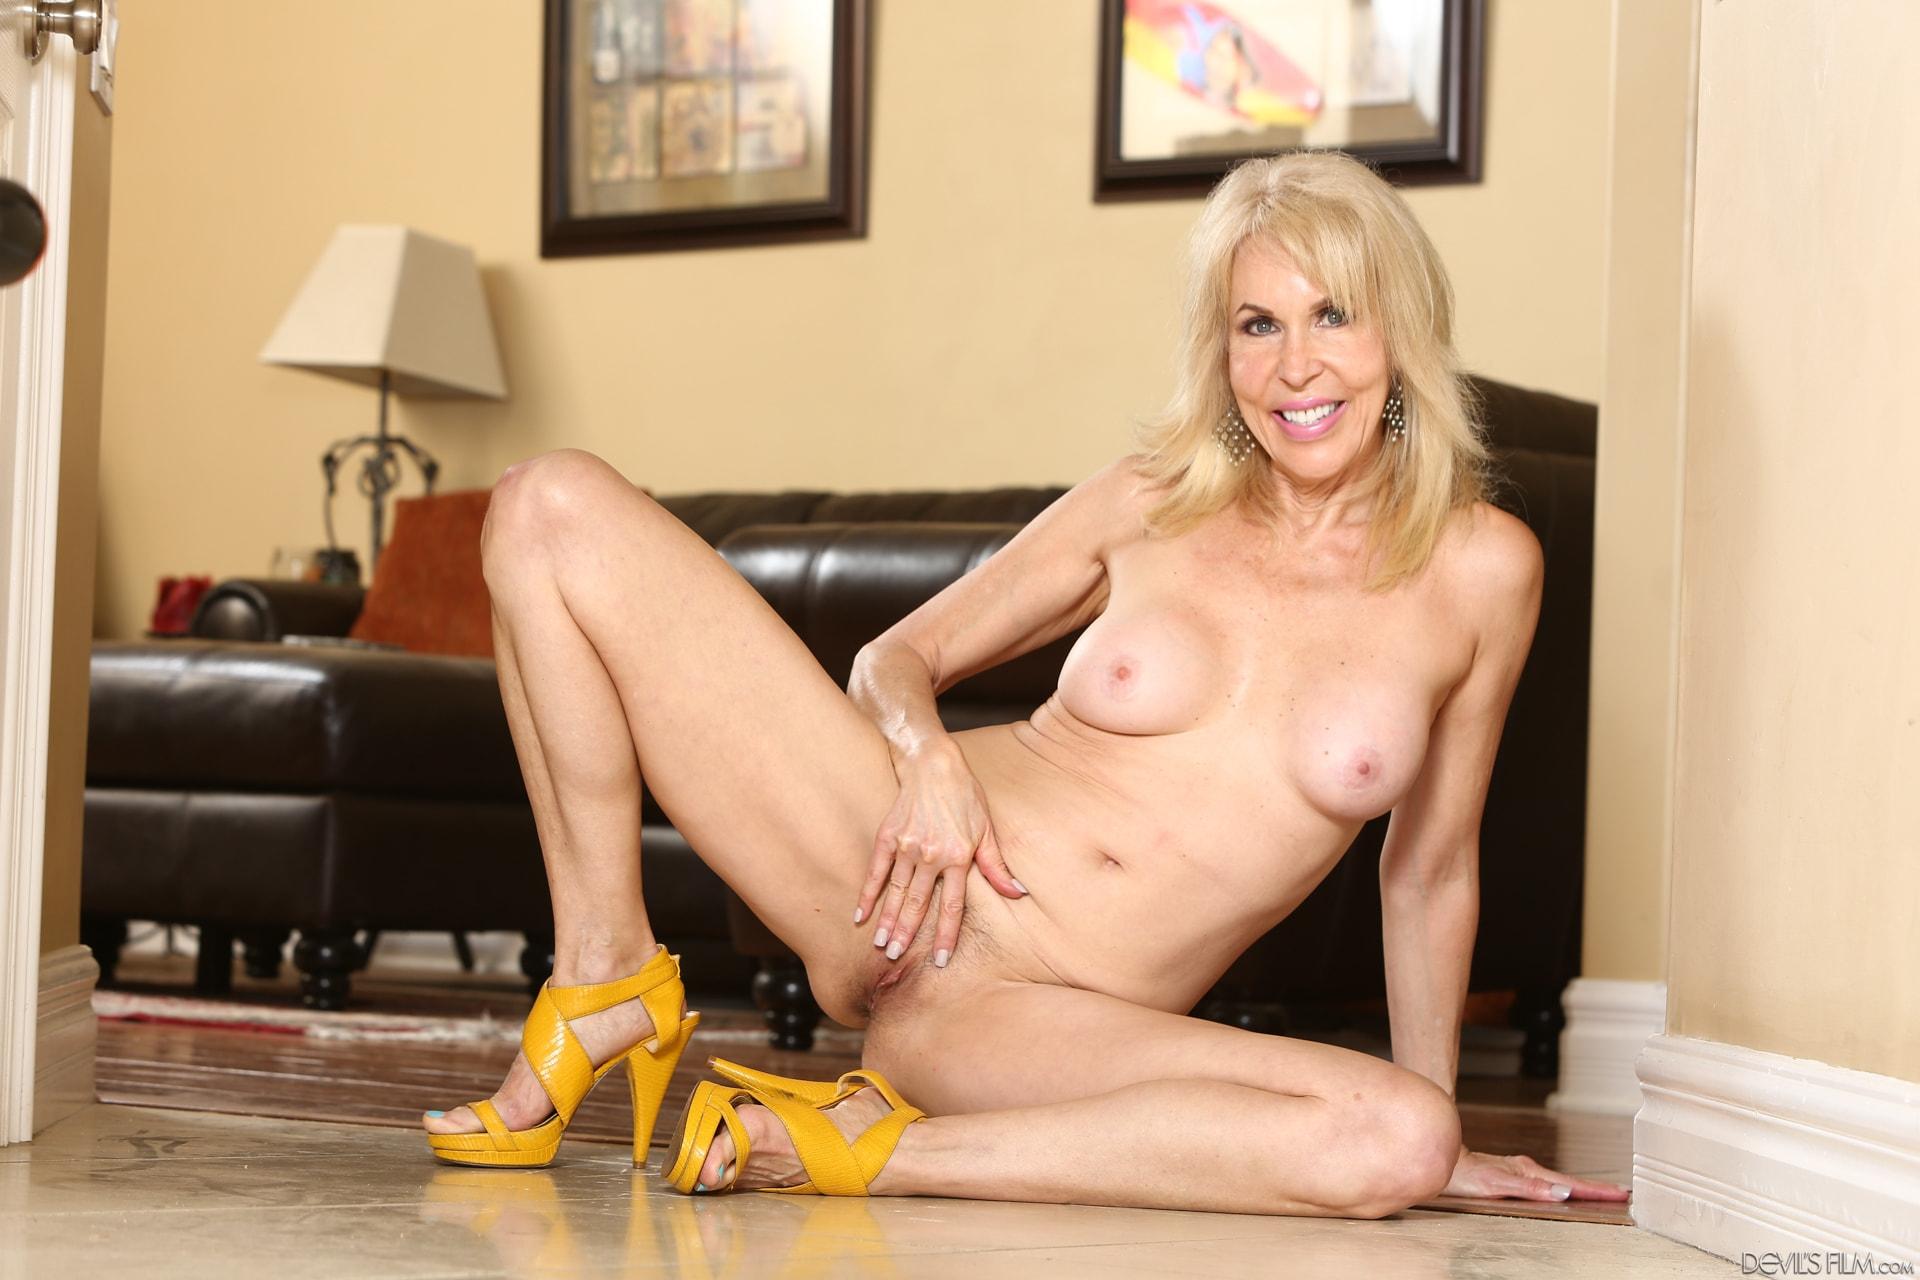 Erica lauren rough porn pics